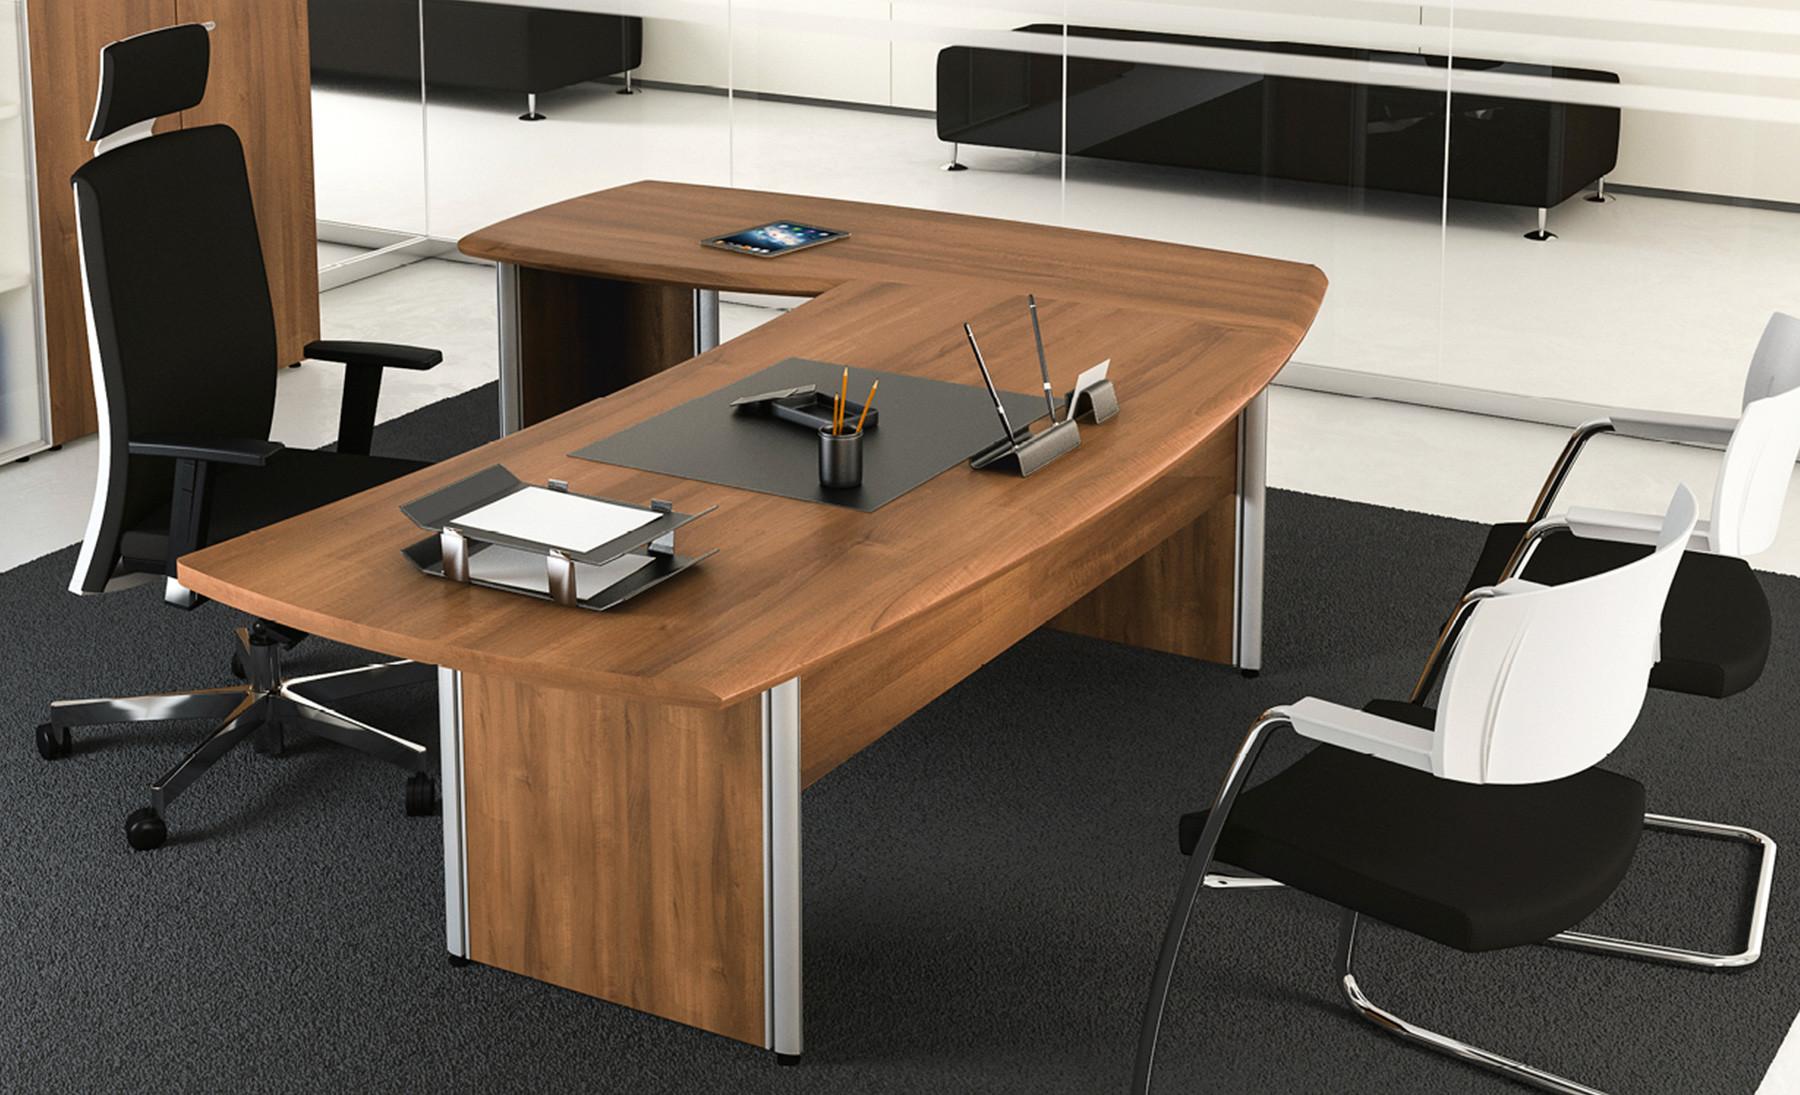 Scrivania Ufficio Organizzata : Format scrivania operativa sagomata contact ufficio roma